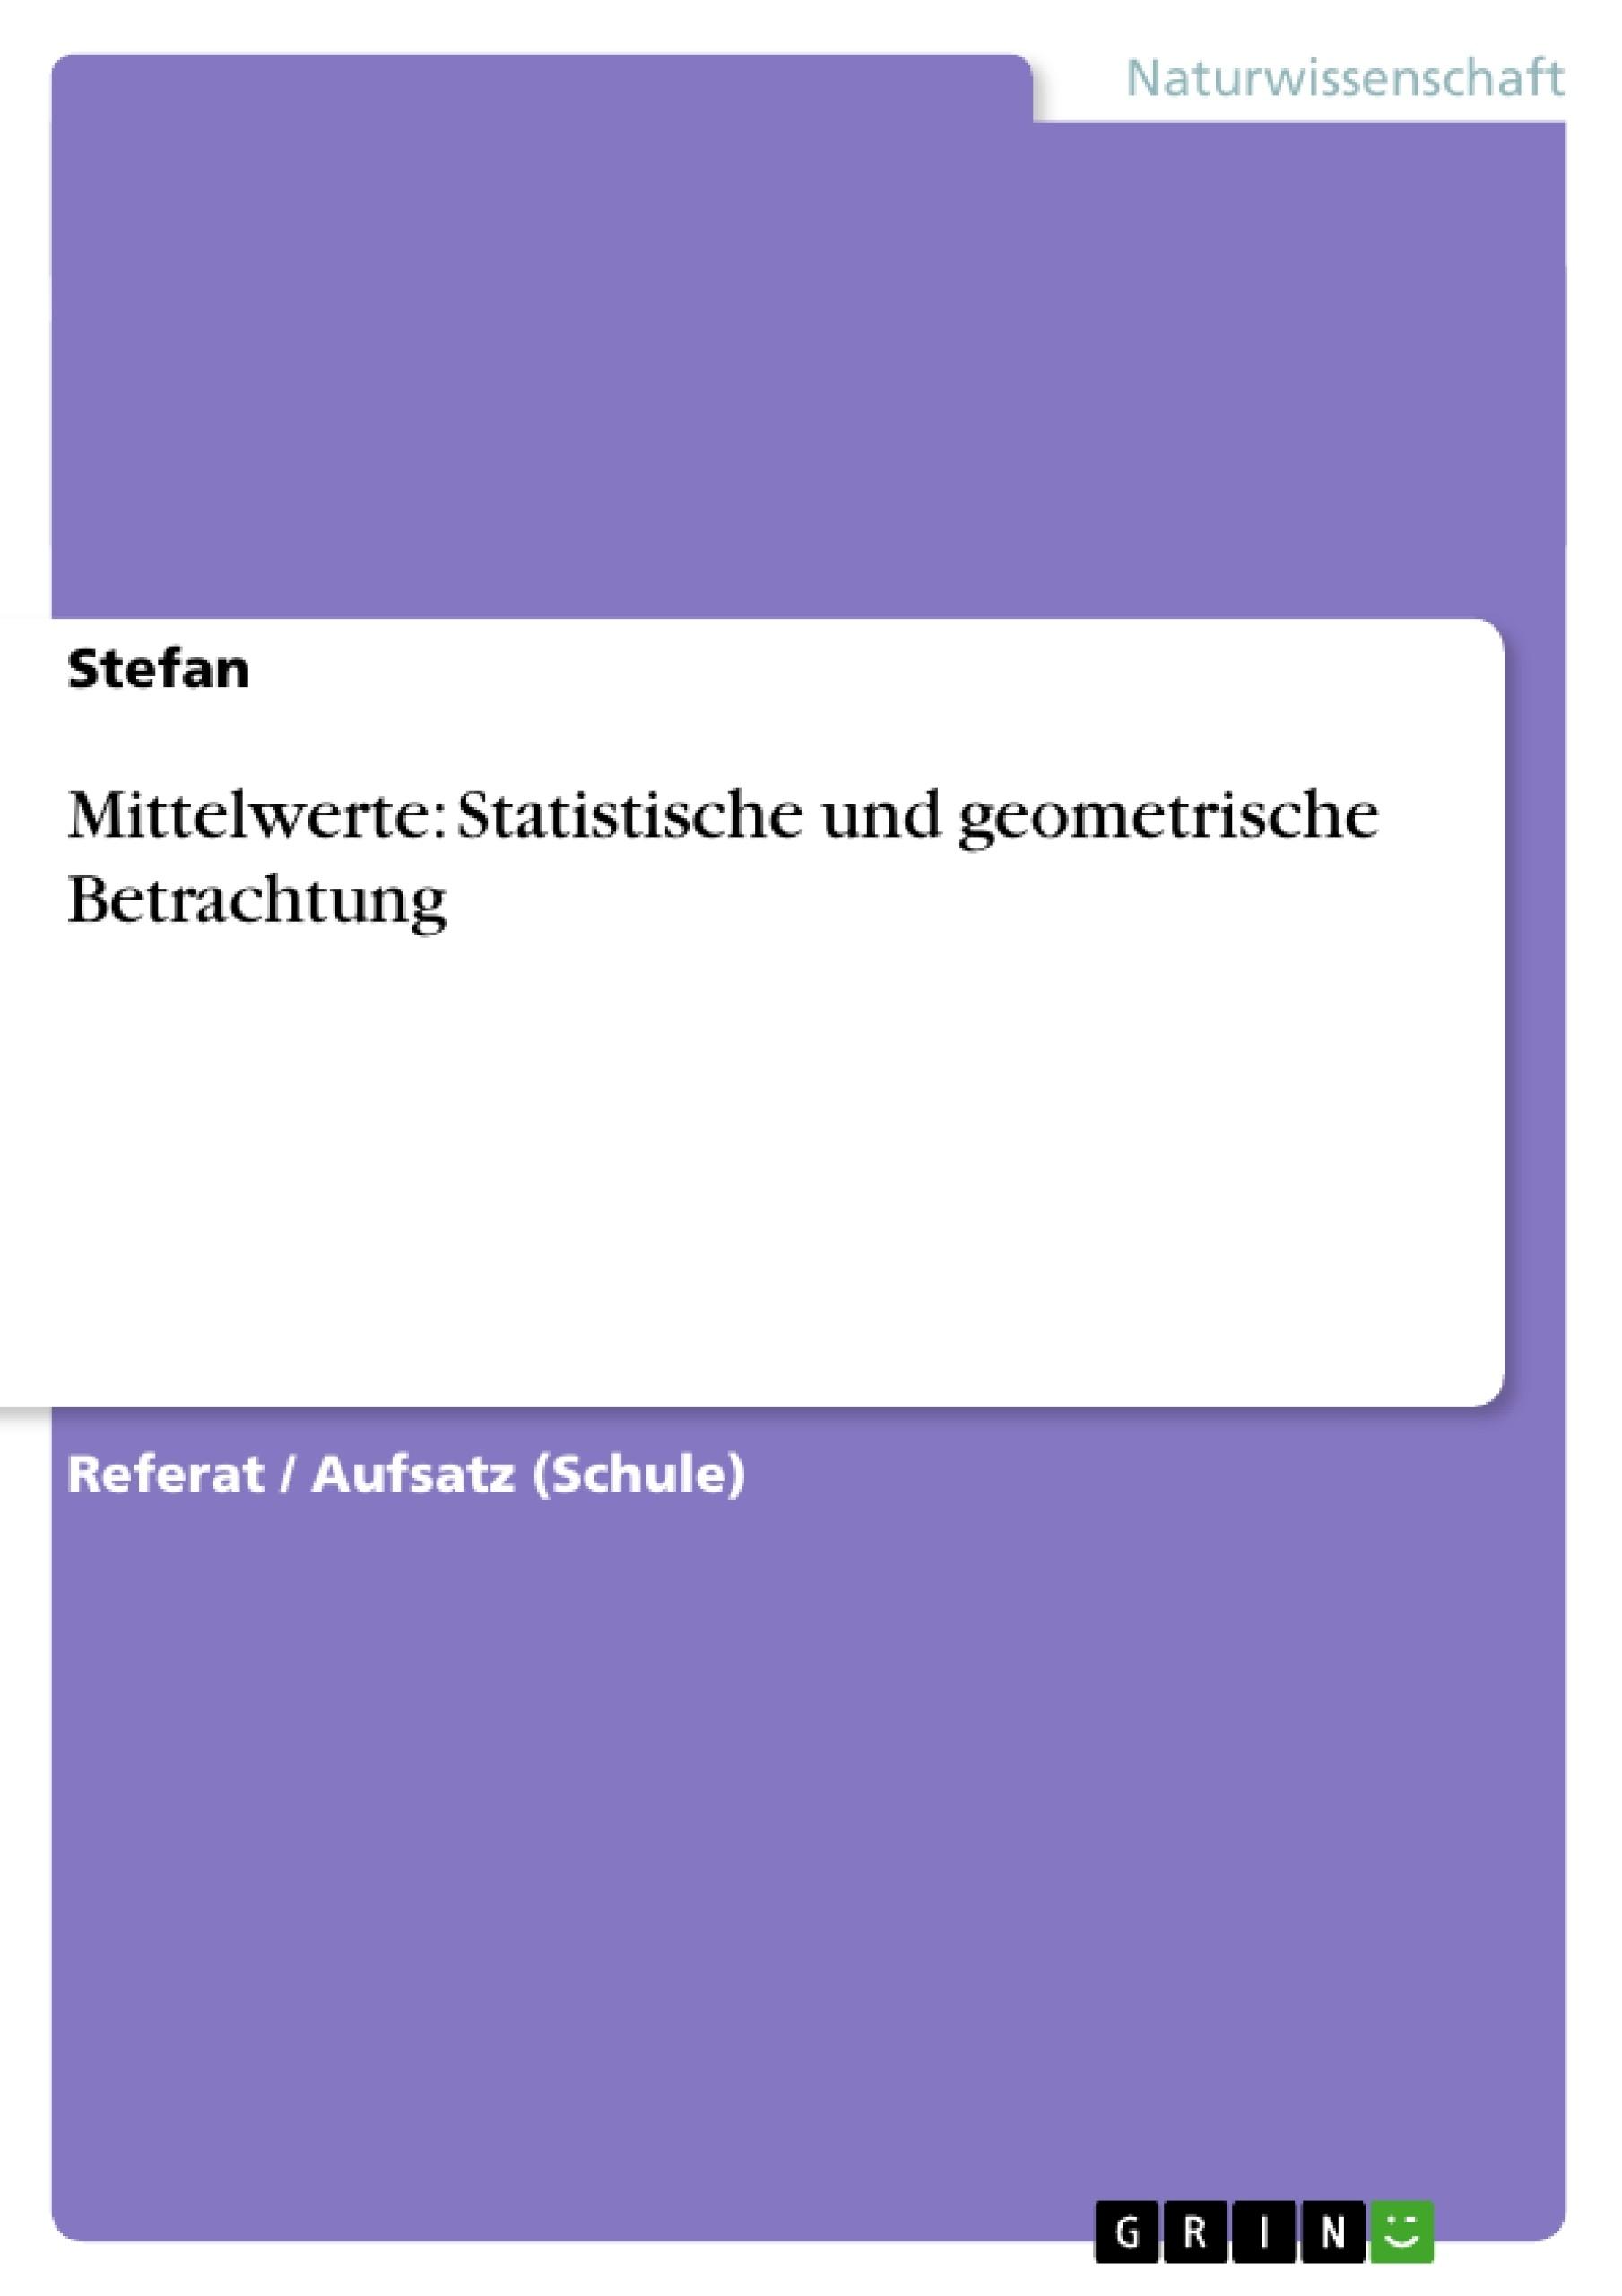 Titel: Mittelwerte: Statistische und geometrische Betrachtung